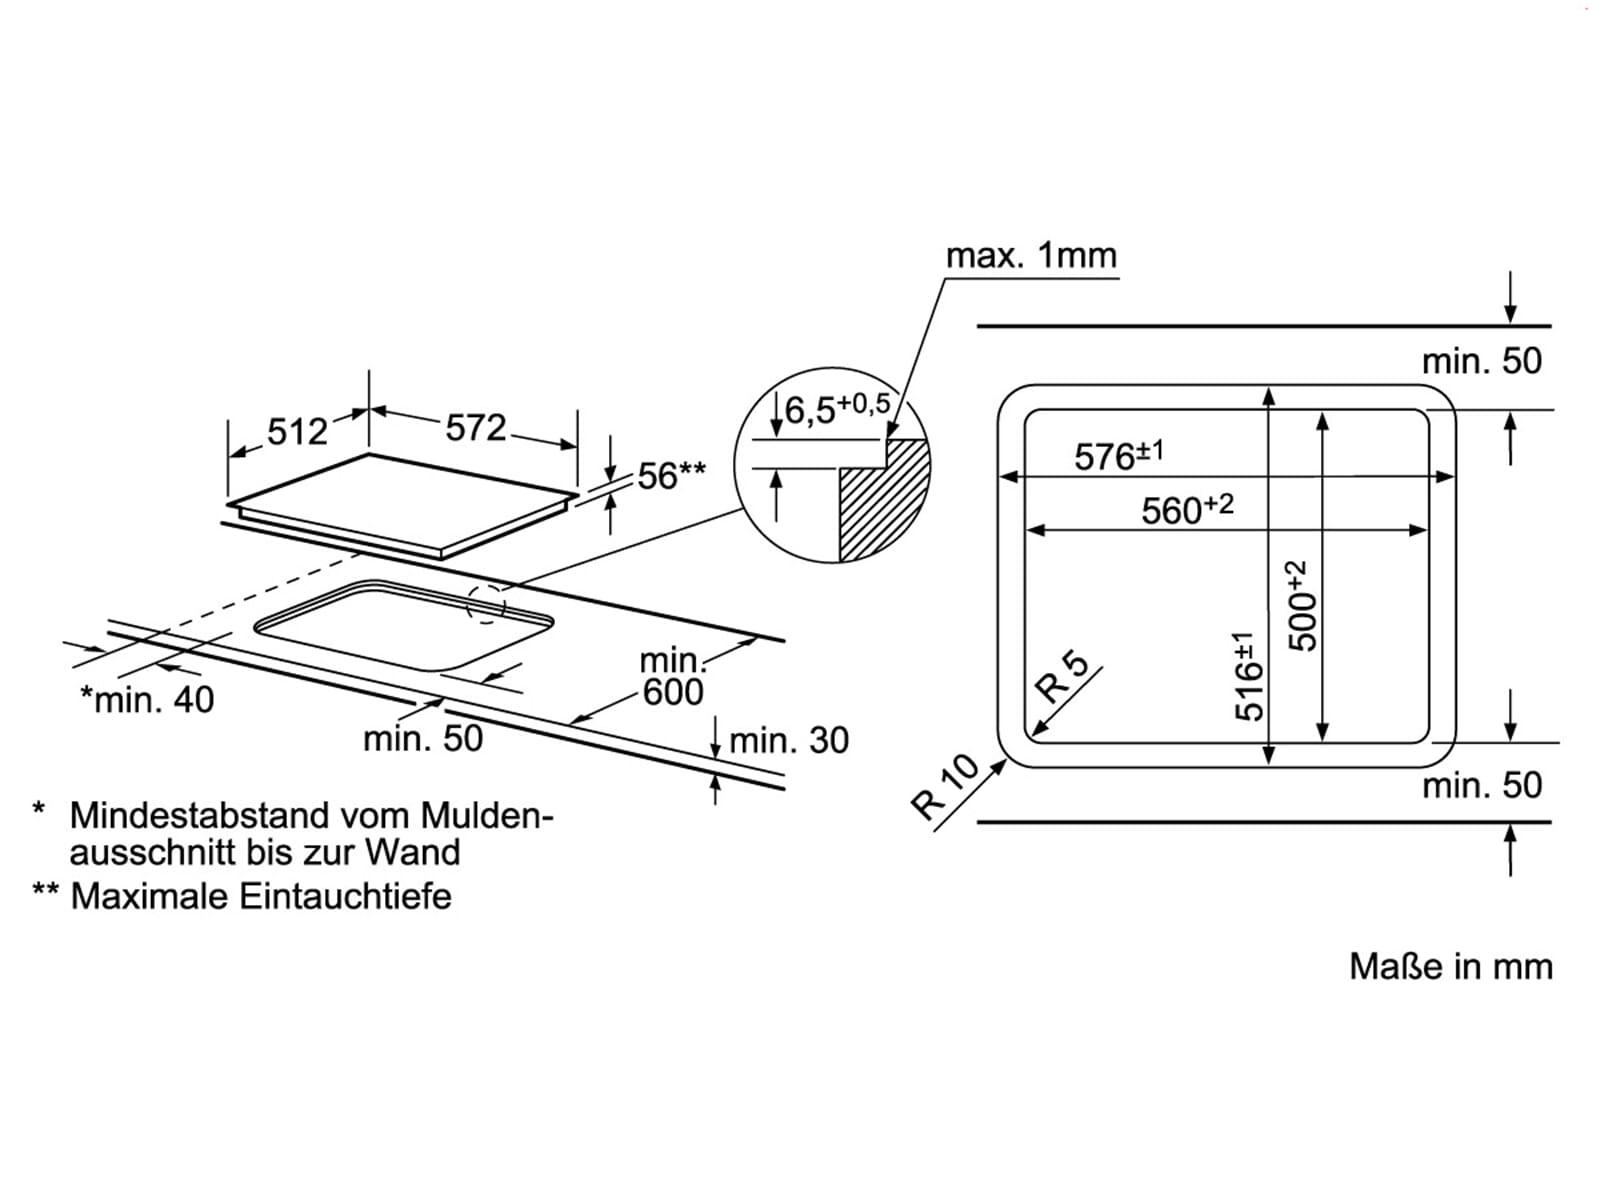 siemens ei601bb17 induktion glaskeramik kochfeld herdgebunden f r 724 90 eur. Black Bedroom Furniture Sets. Home Design Ideas